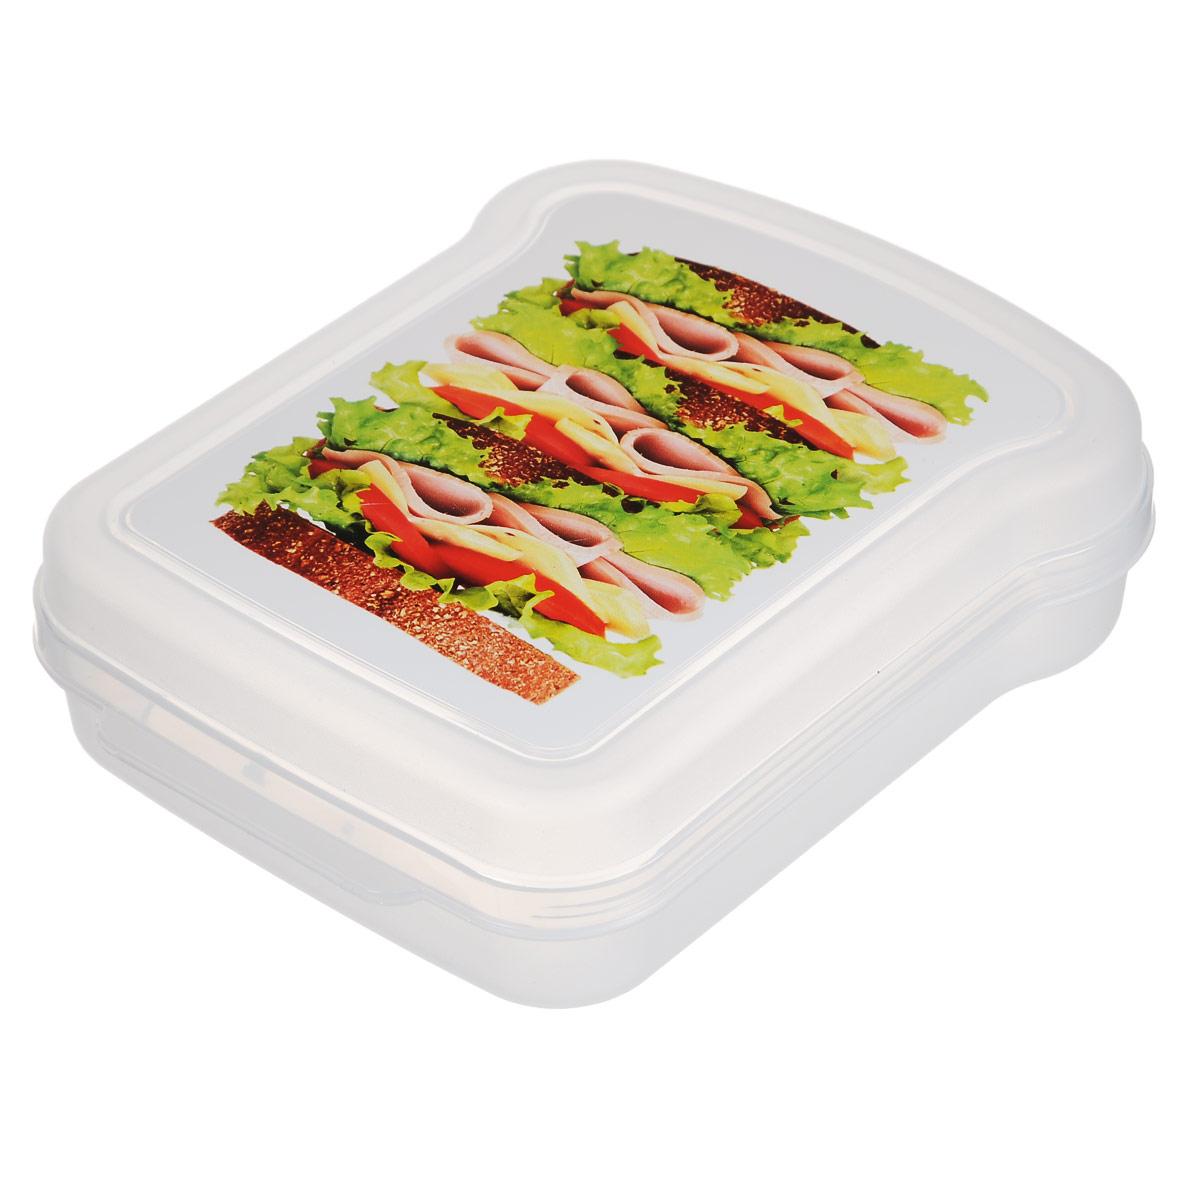 Контейнер для бутербродов Phibo, 17 см х 13 см х 4,2 см21395599Контейнер для бутербродов Phibo изготовлен из прозрачного пищевого пластика, устойчивого к высоким температурам. Контейнер выполнен в форме бутерброда, поэтому идеально подходит для их хранения. Крышка плотно закрывается, дольше сохраняя еду свежей и вкусной. Такой контейнер удобно брать с собой на работу, учебу, пикник.Подходит для разогрева пищи в микроволновой печи и для хранения в холодильнике. Можно мыть в посудомоечной машине.